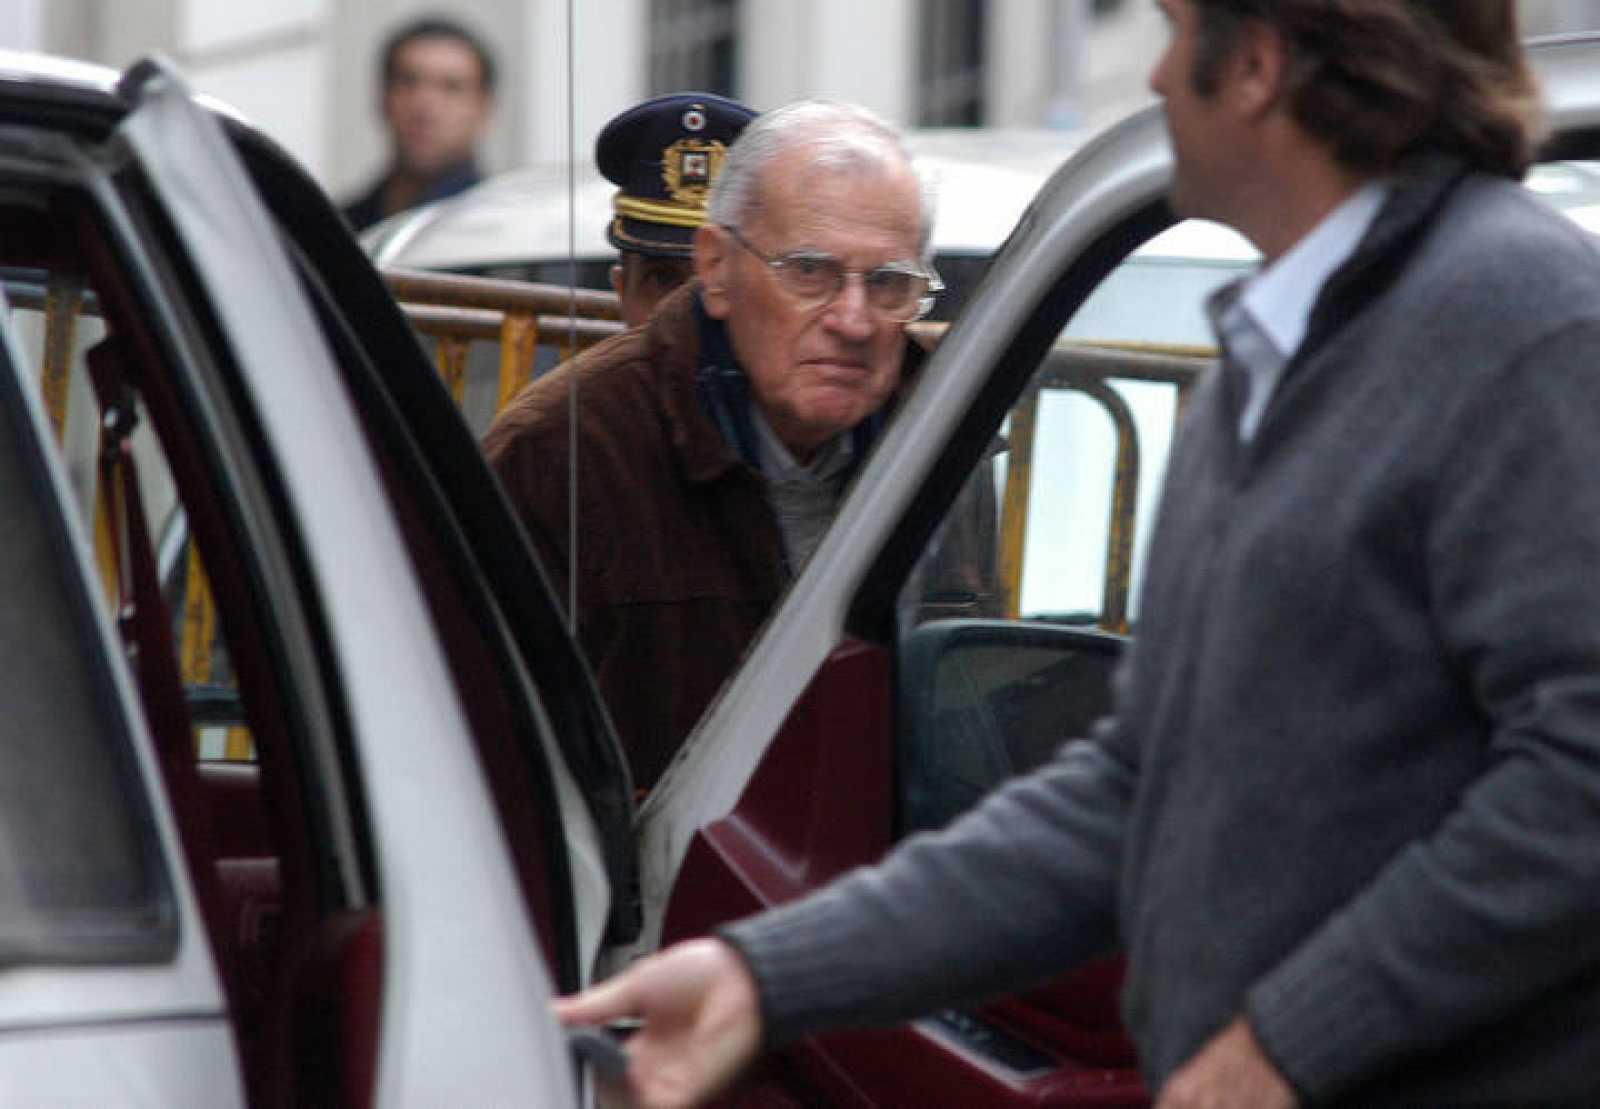 El ex presidente uruguayo Juan María Bordaberry llega a los tribunales de Montevideo.